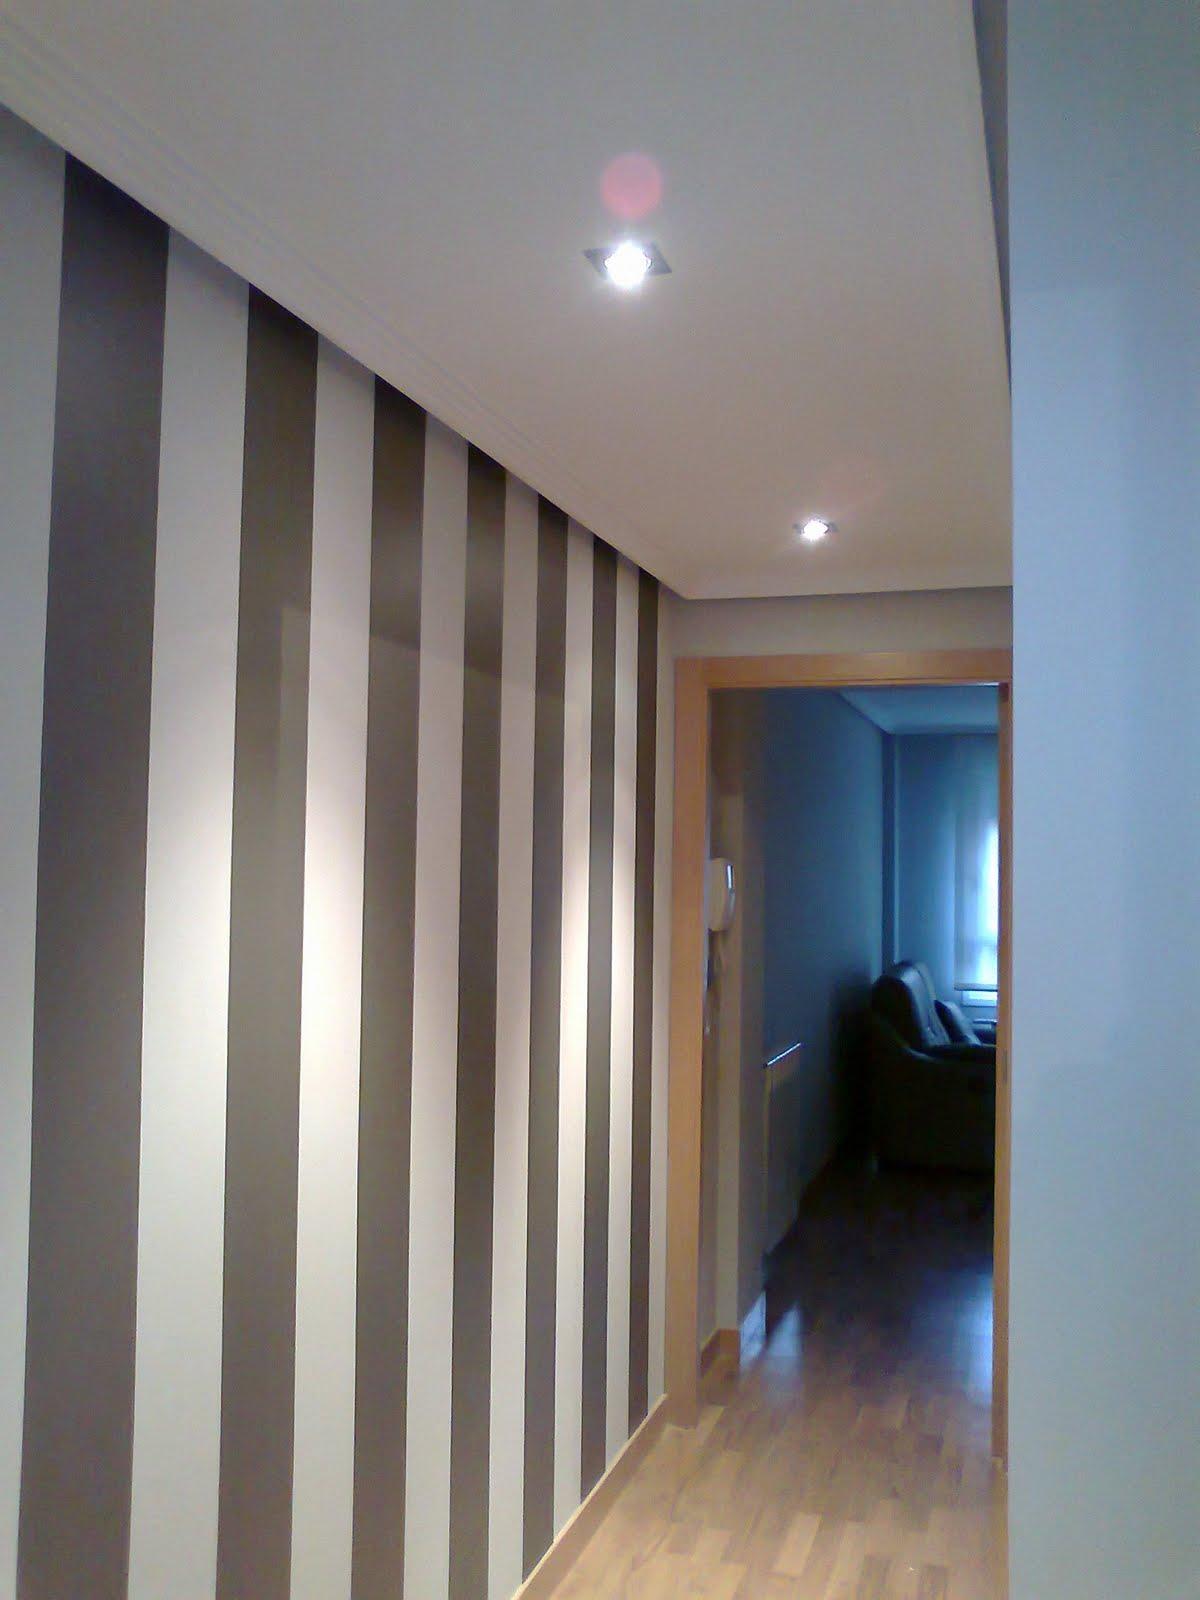 Pinturas aguado s l decoracion rayas pasillo viteri for Colores de moda para pintar pasillos